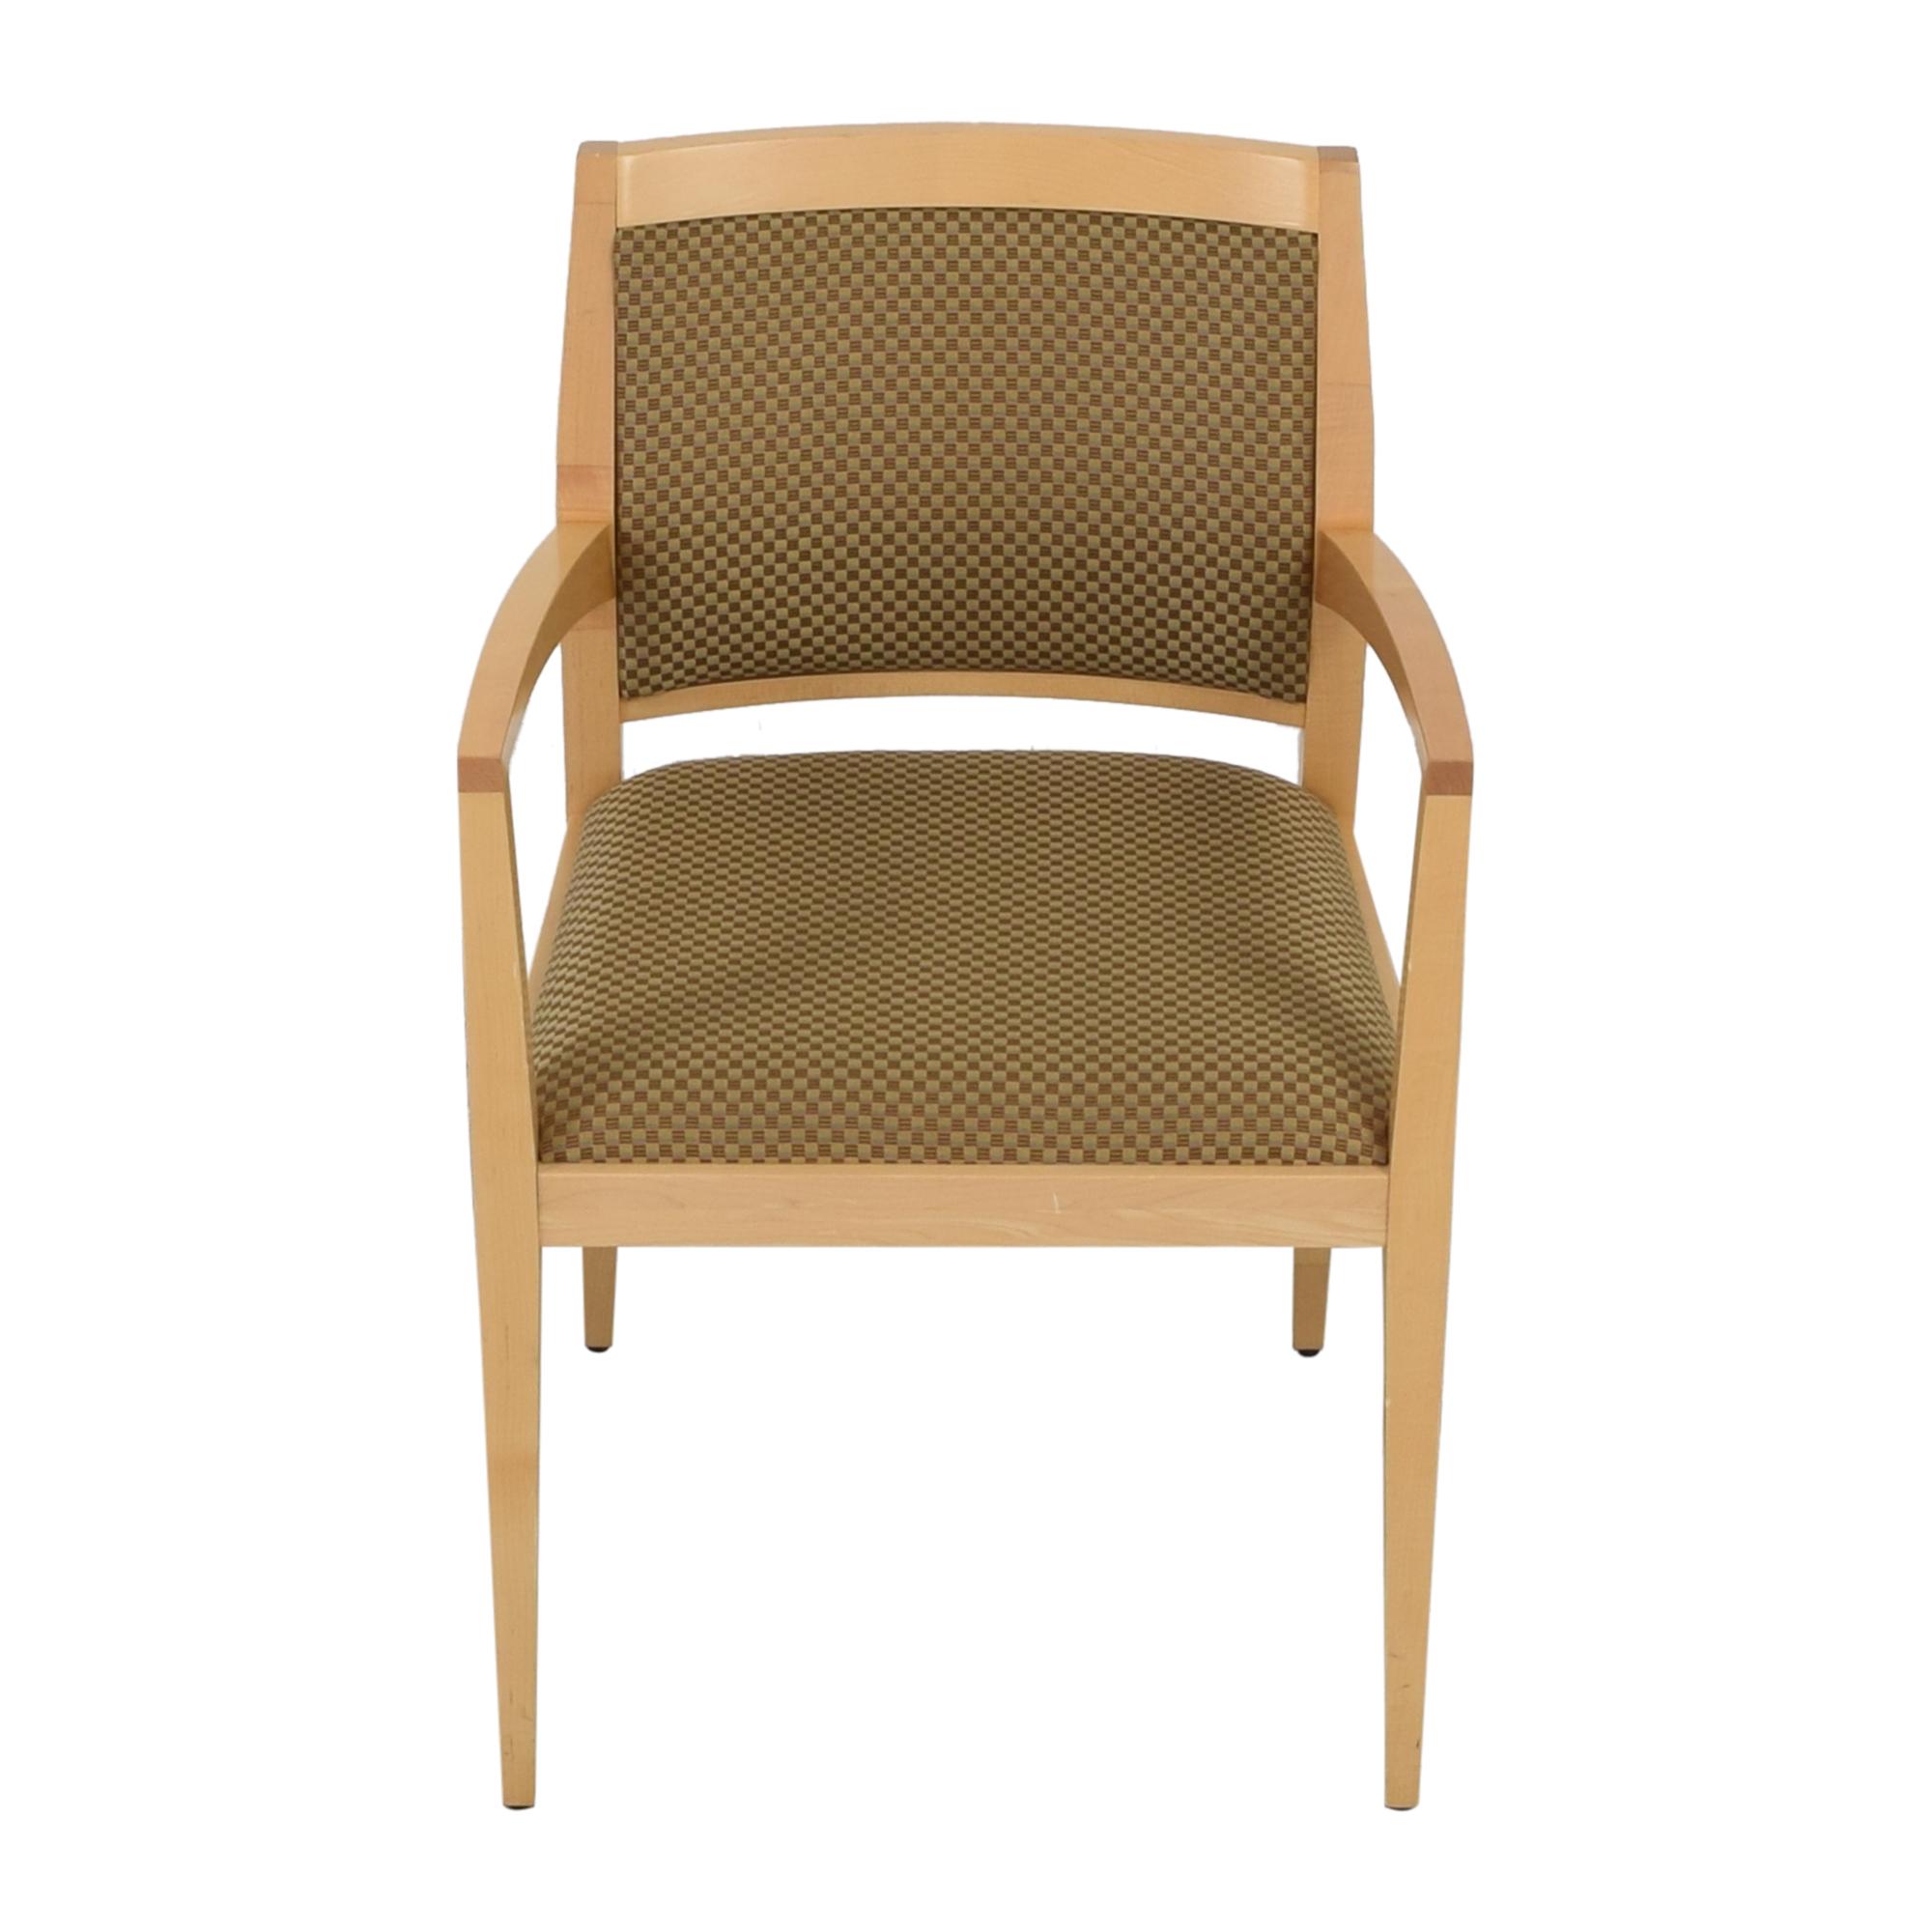 Krug Krug Cadence Guest Chair used